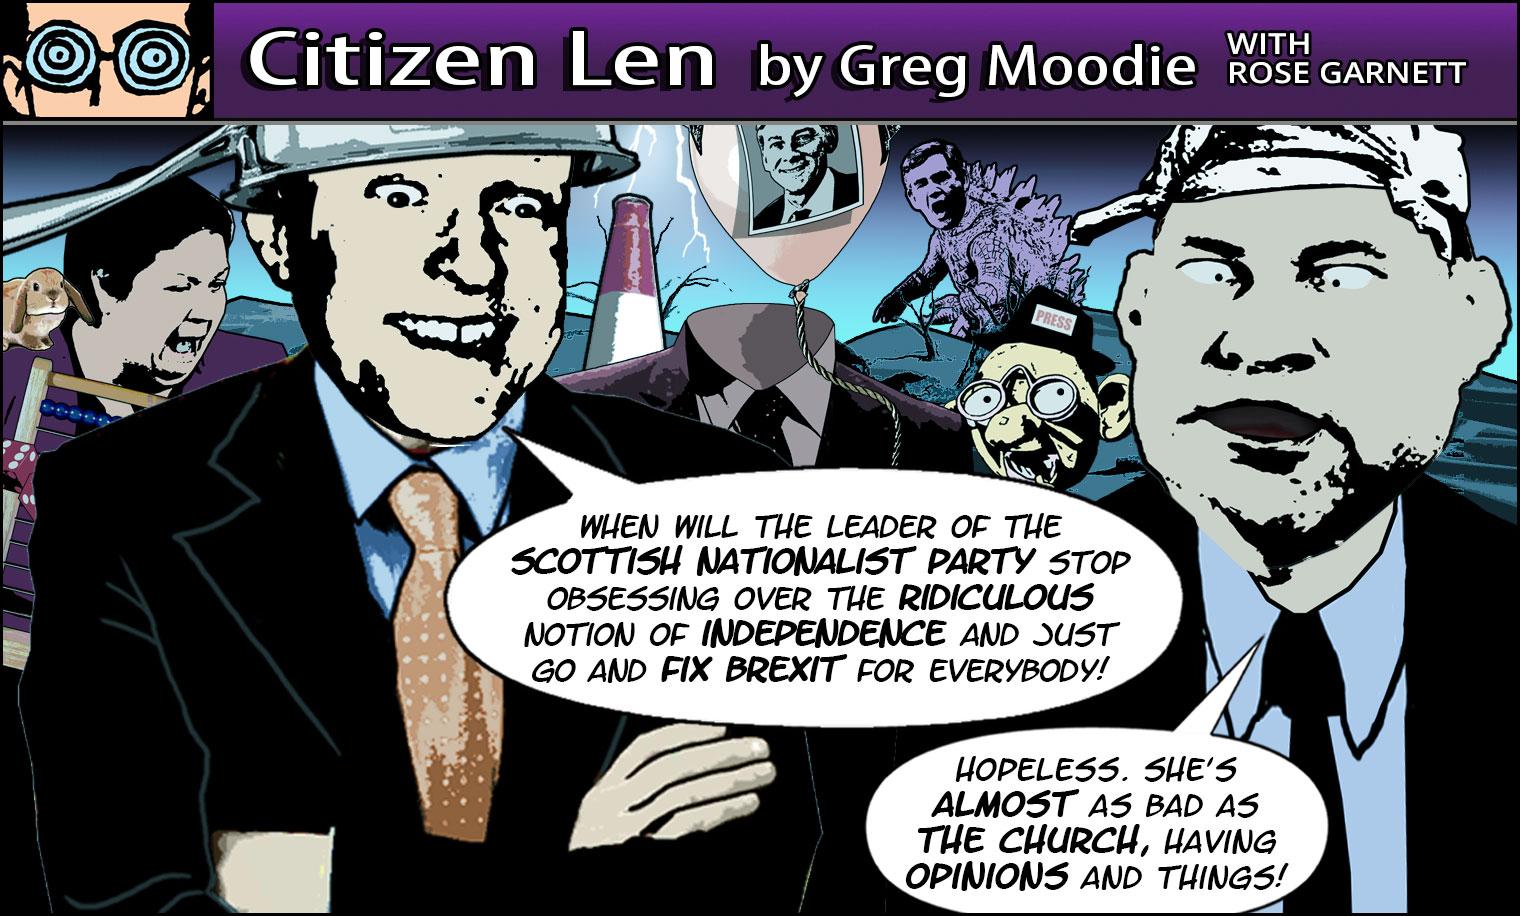 Citizen Len